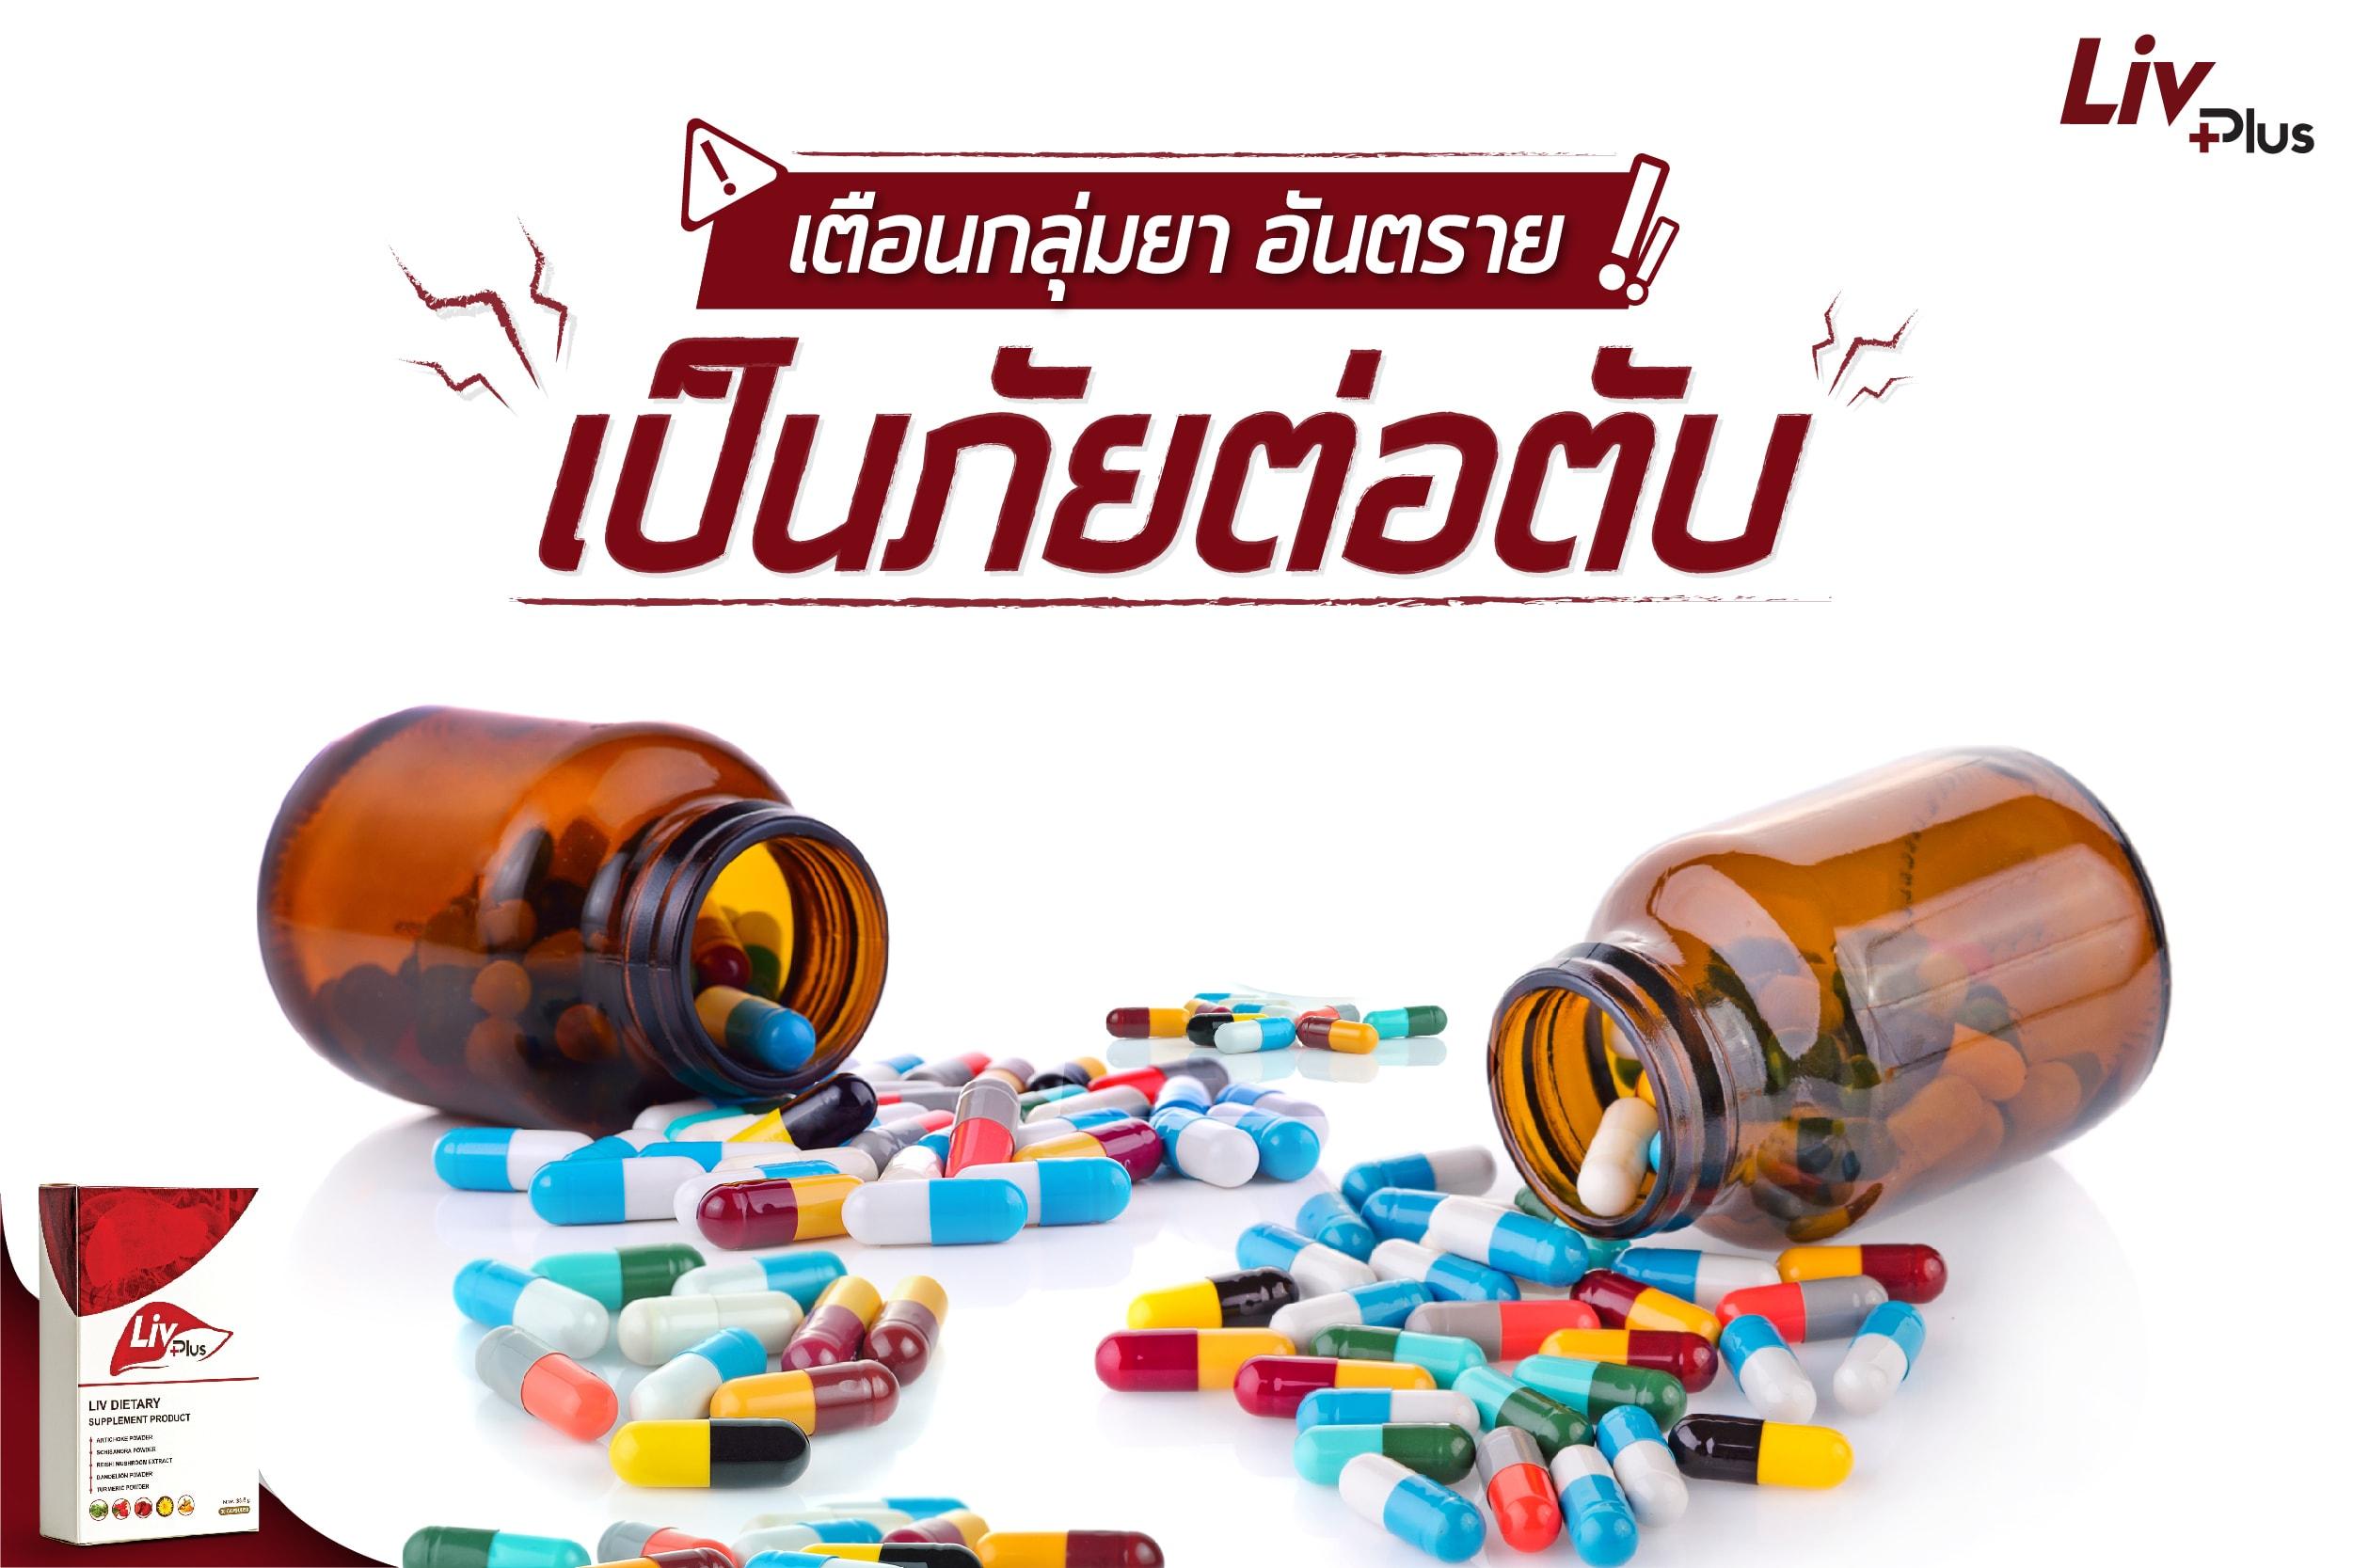 เตือน! กลุ่มยาอันตราย เป็นภัยต่อตับ